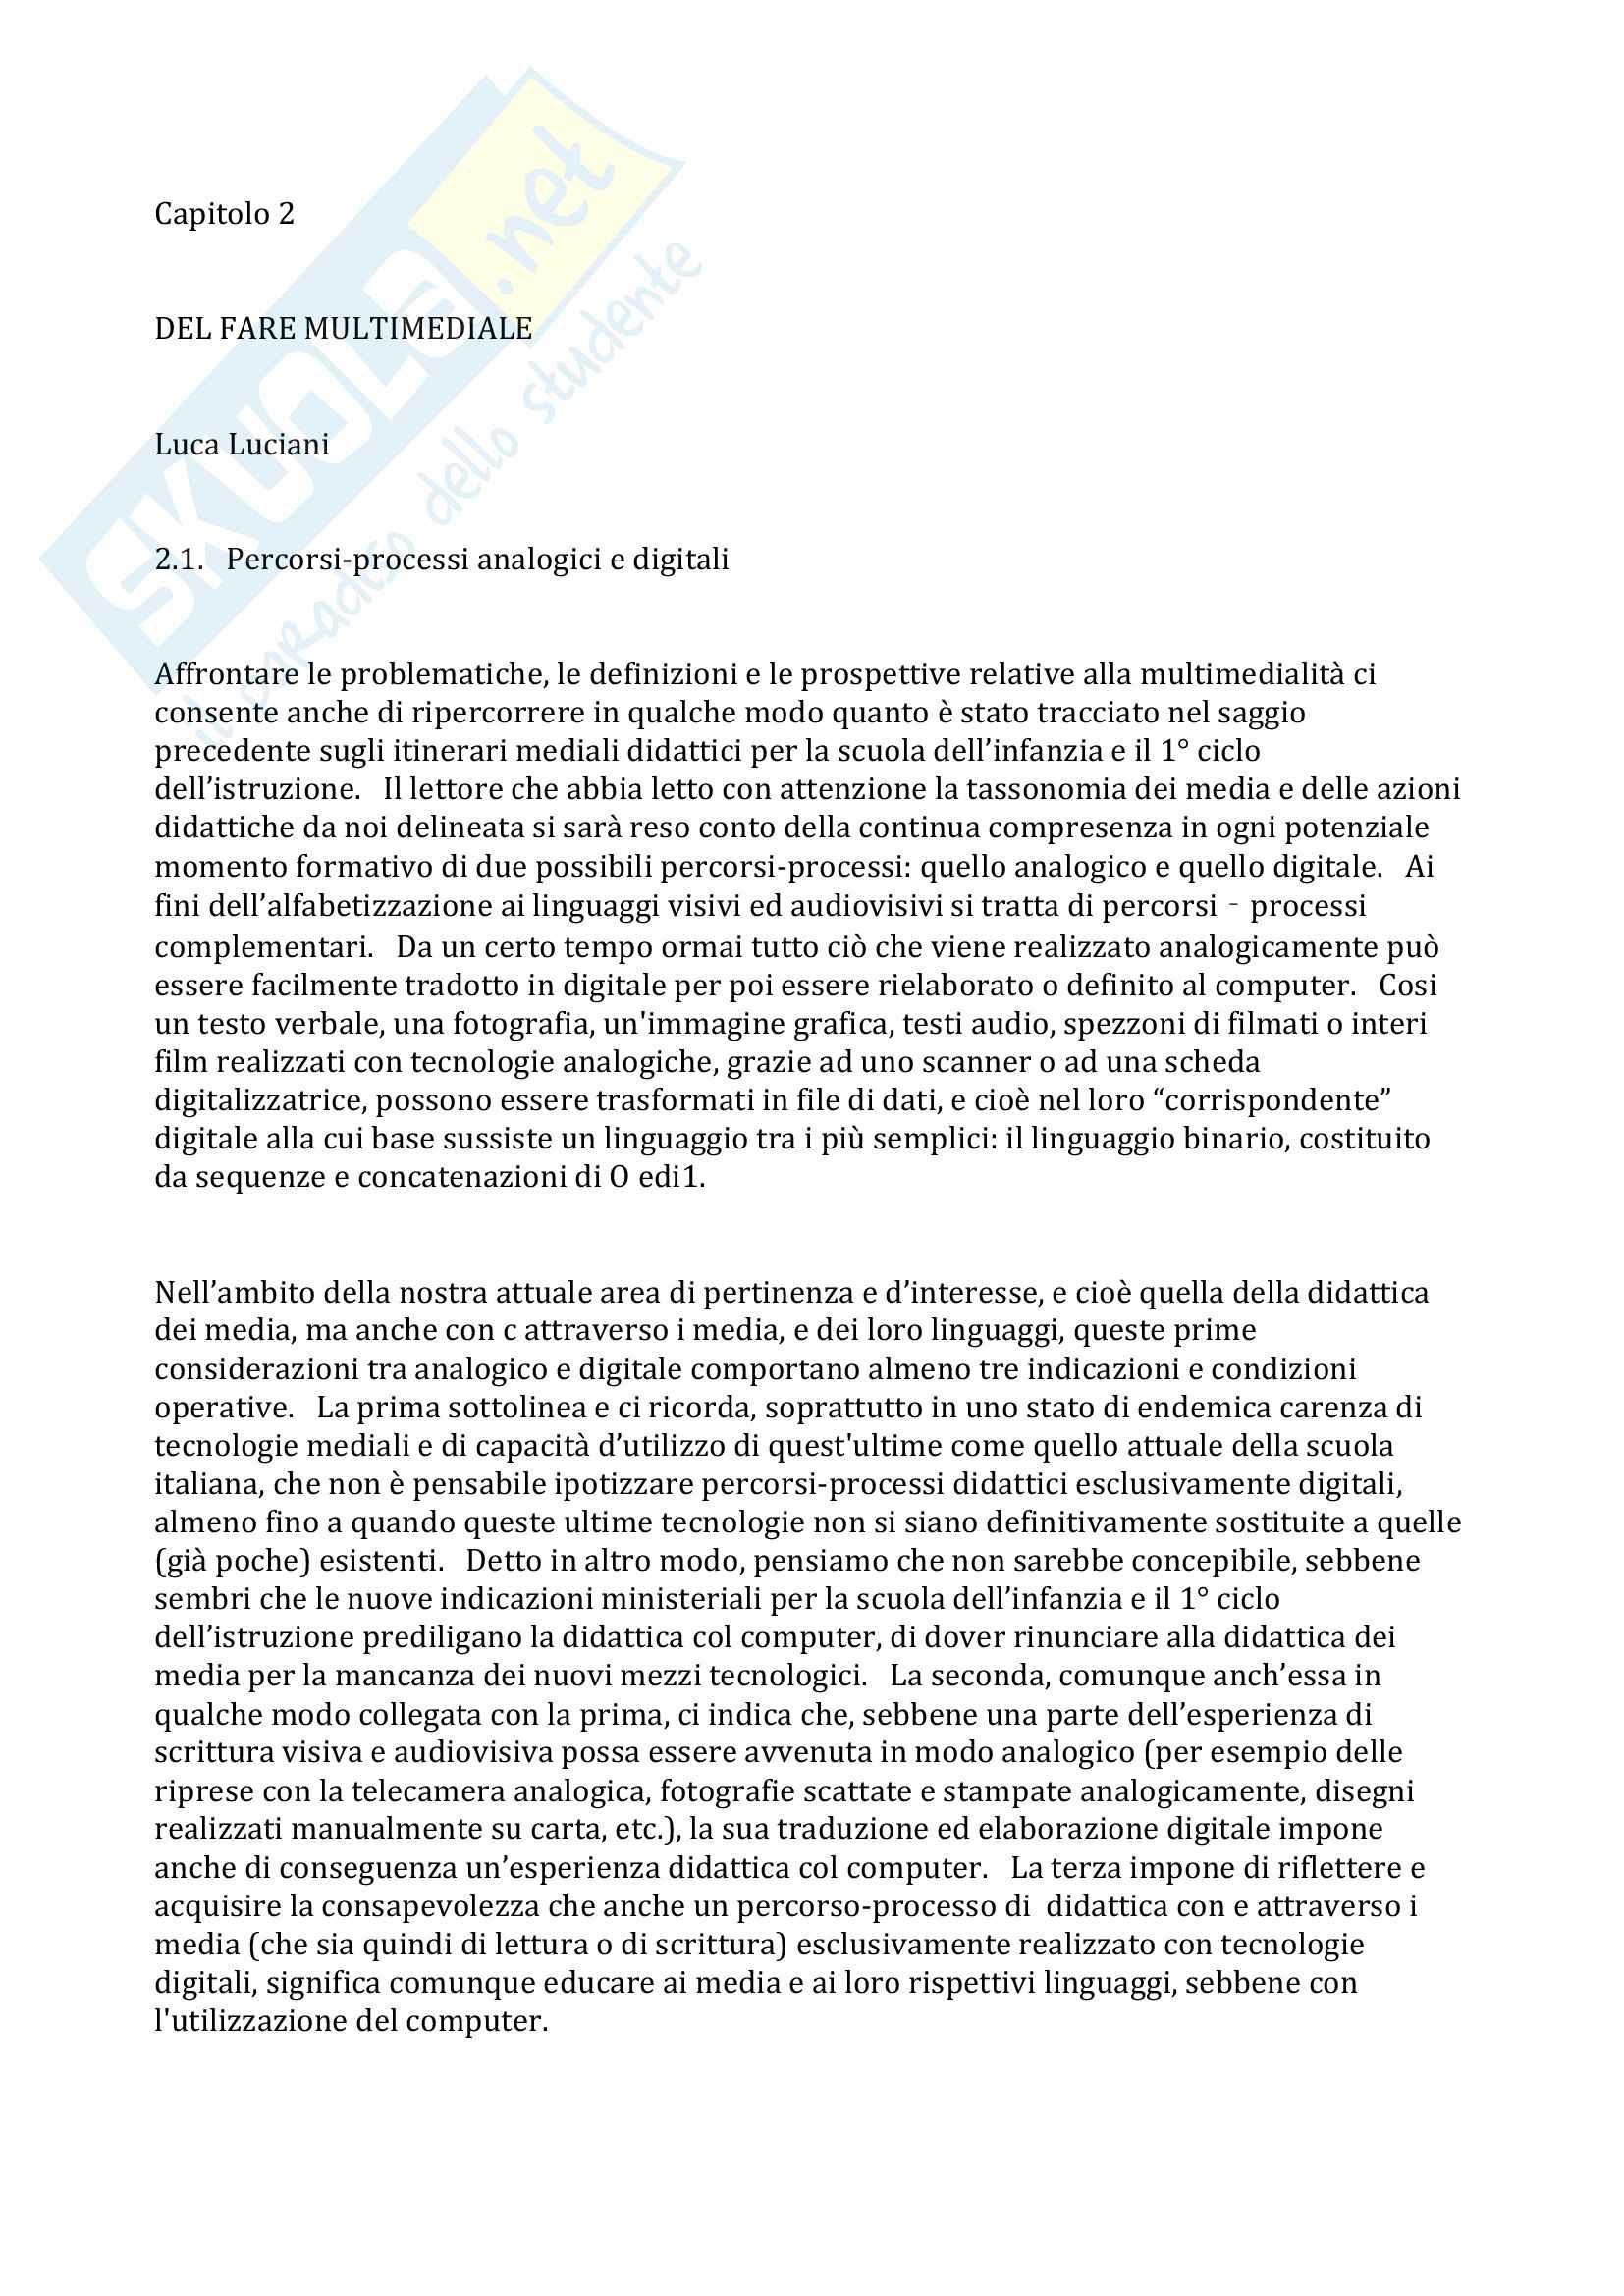 """Riassunto esame """"Tecnologie dell'istruzione e dell'apprendimento"""", prof. Luciani, libro consigliato """"Andar per segni"""", Luca Luciani Pag. 36"""